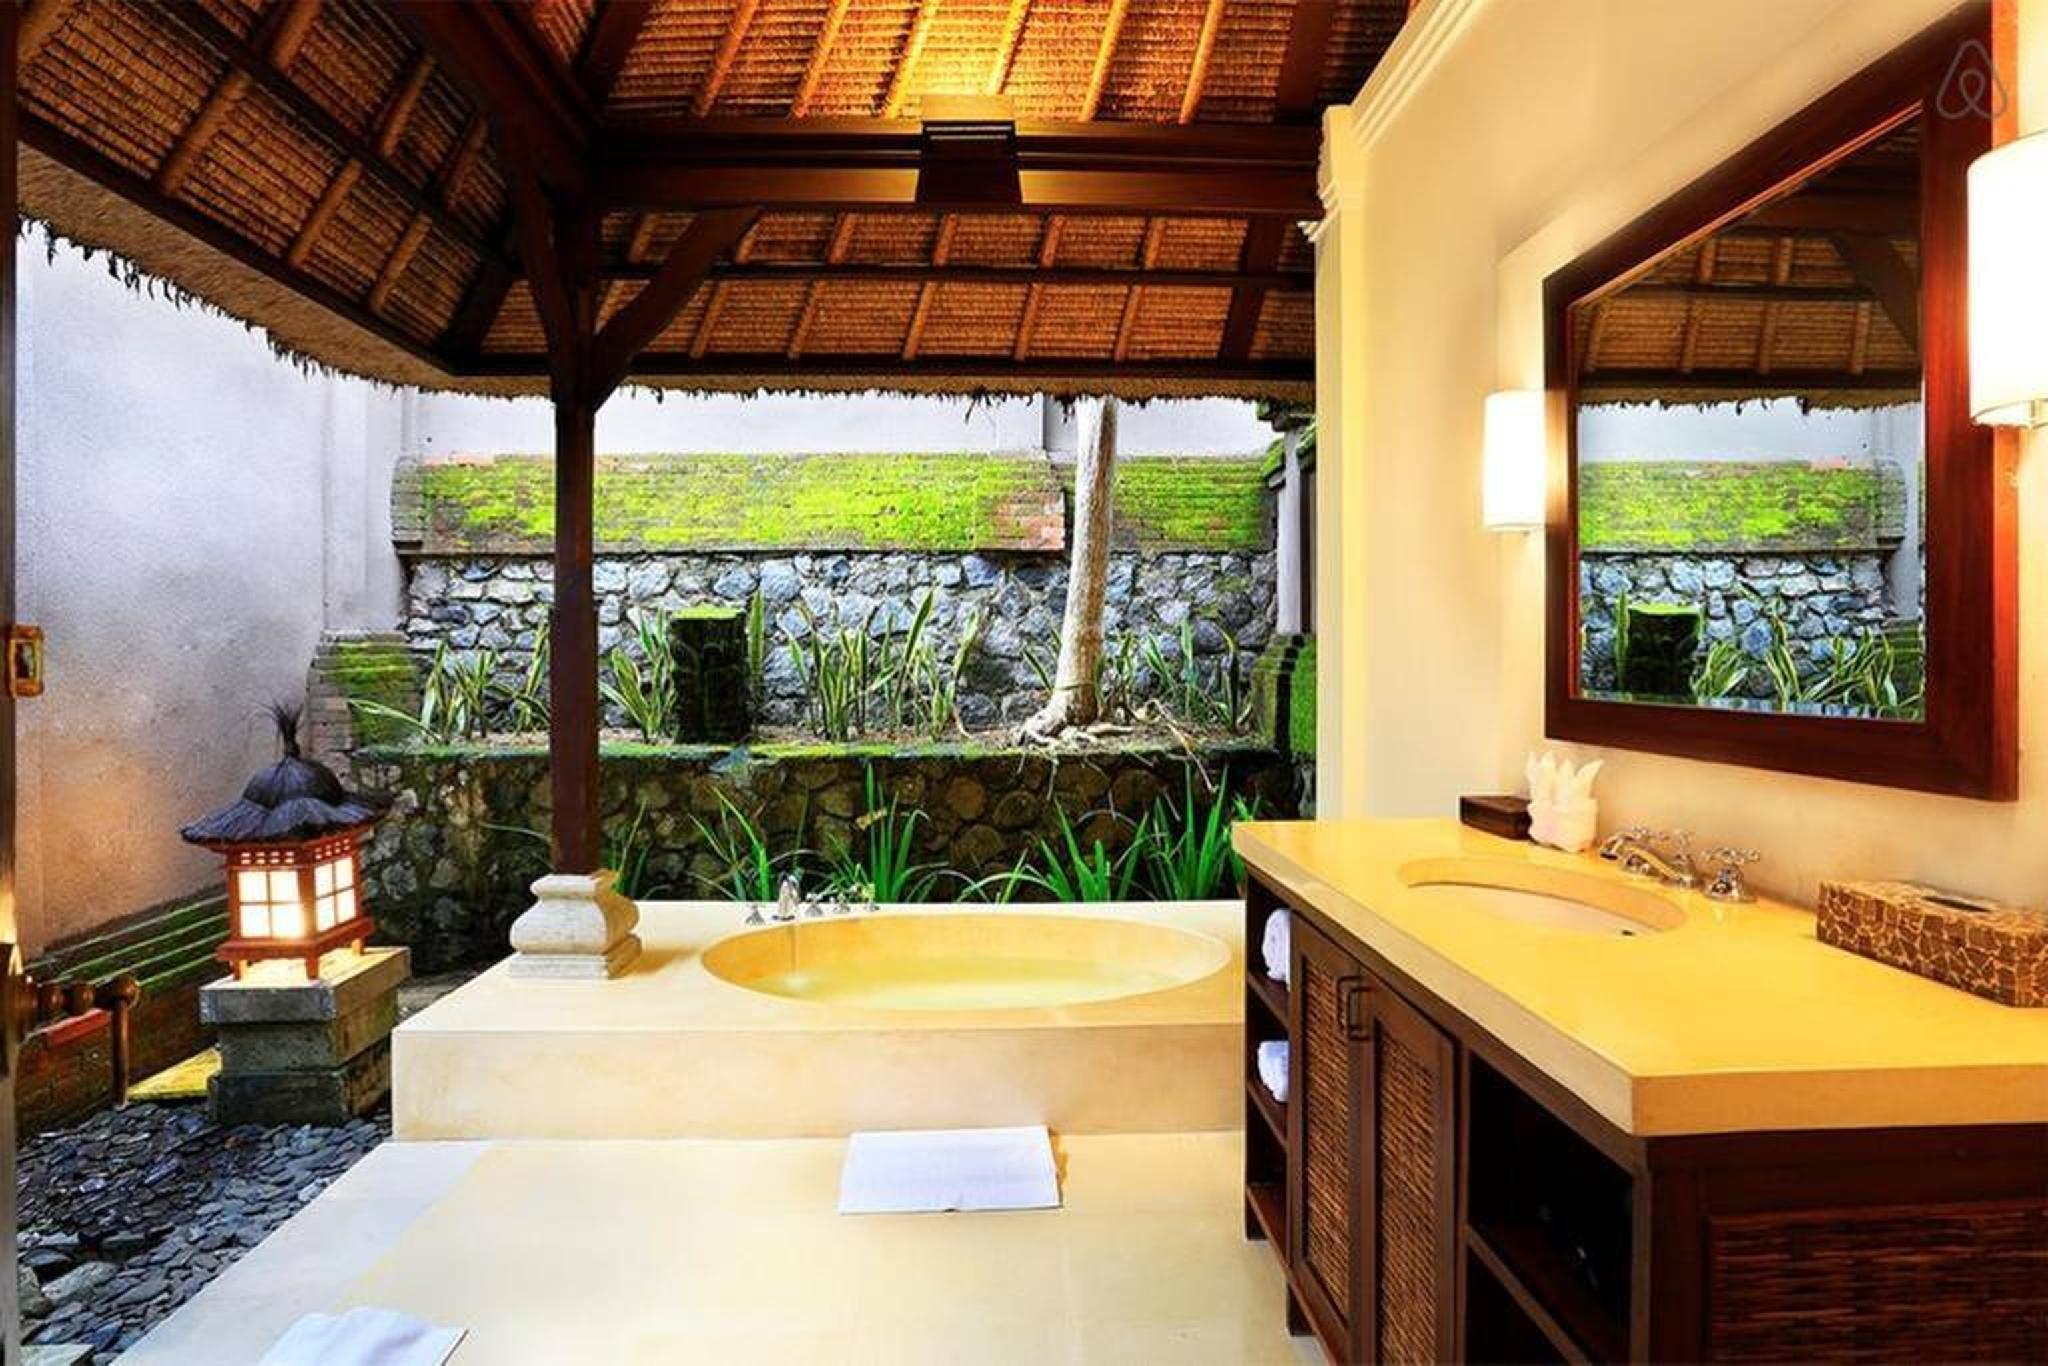 4 BDR Villa Baliana Pererenan Canggu